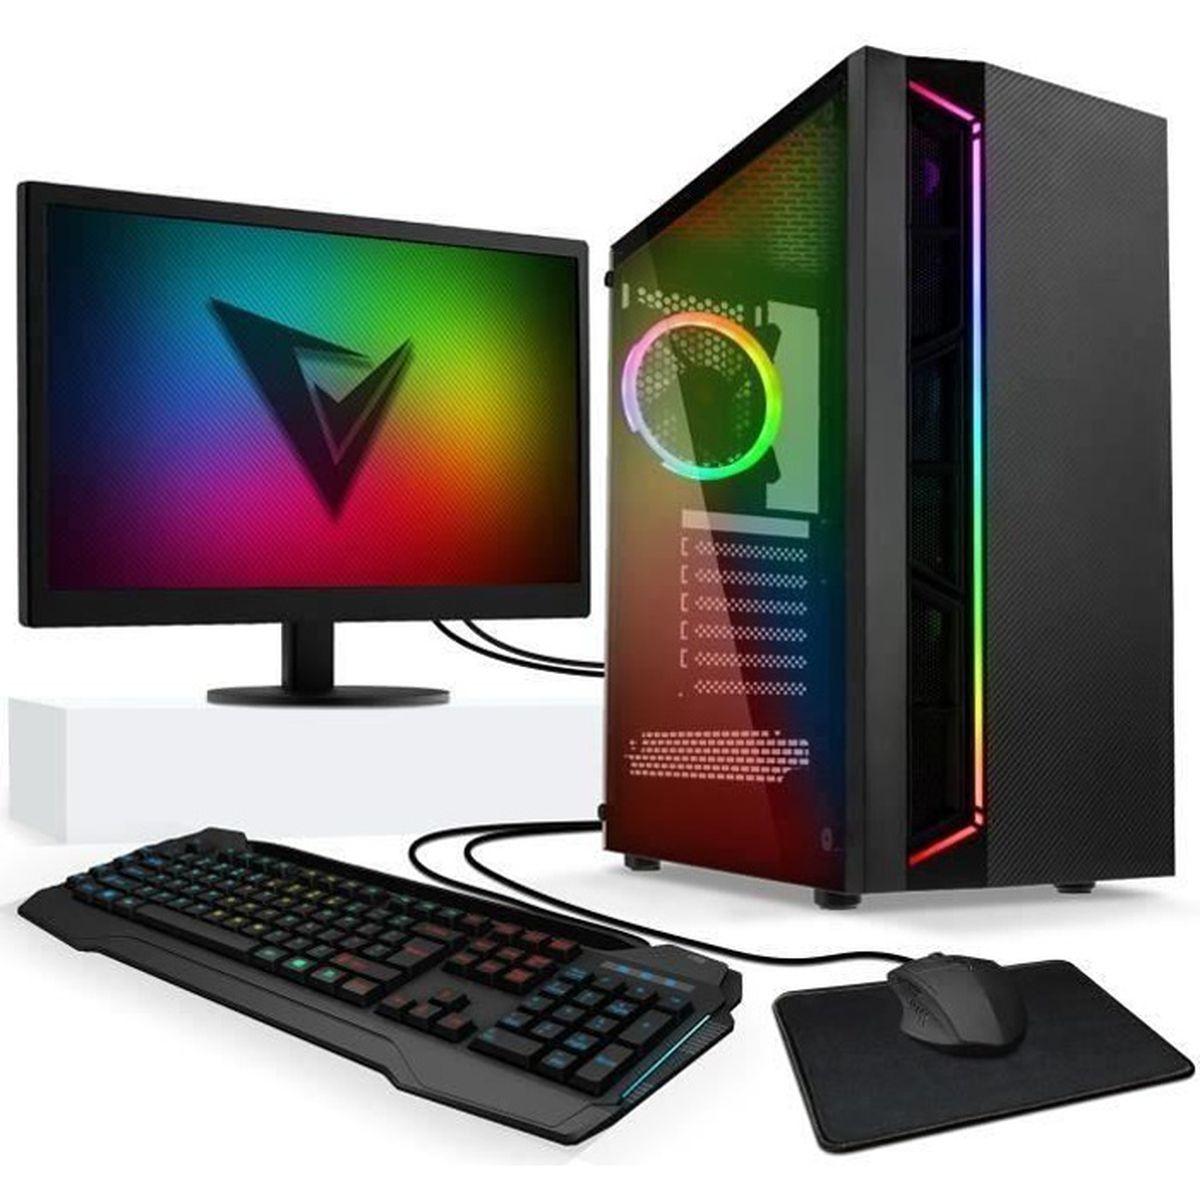 UNITÉ CENTRALE + ÉCRAN VIBOX Vision 2W PC Gamer Ordinateur avec War Thund